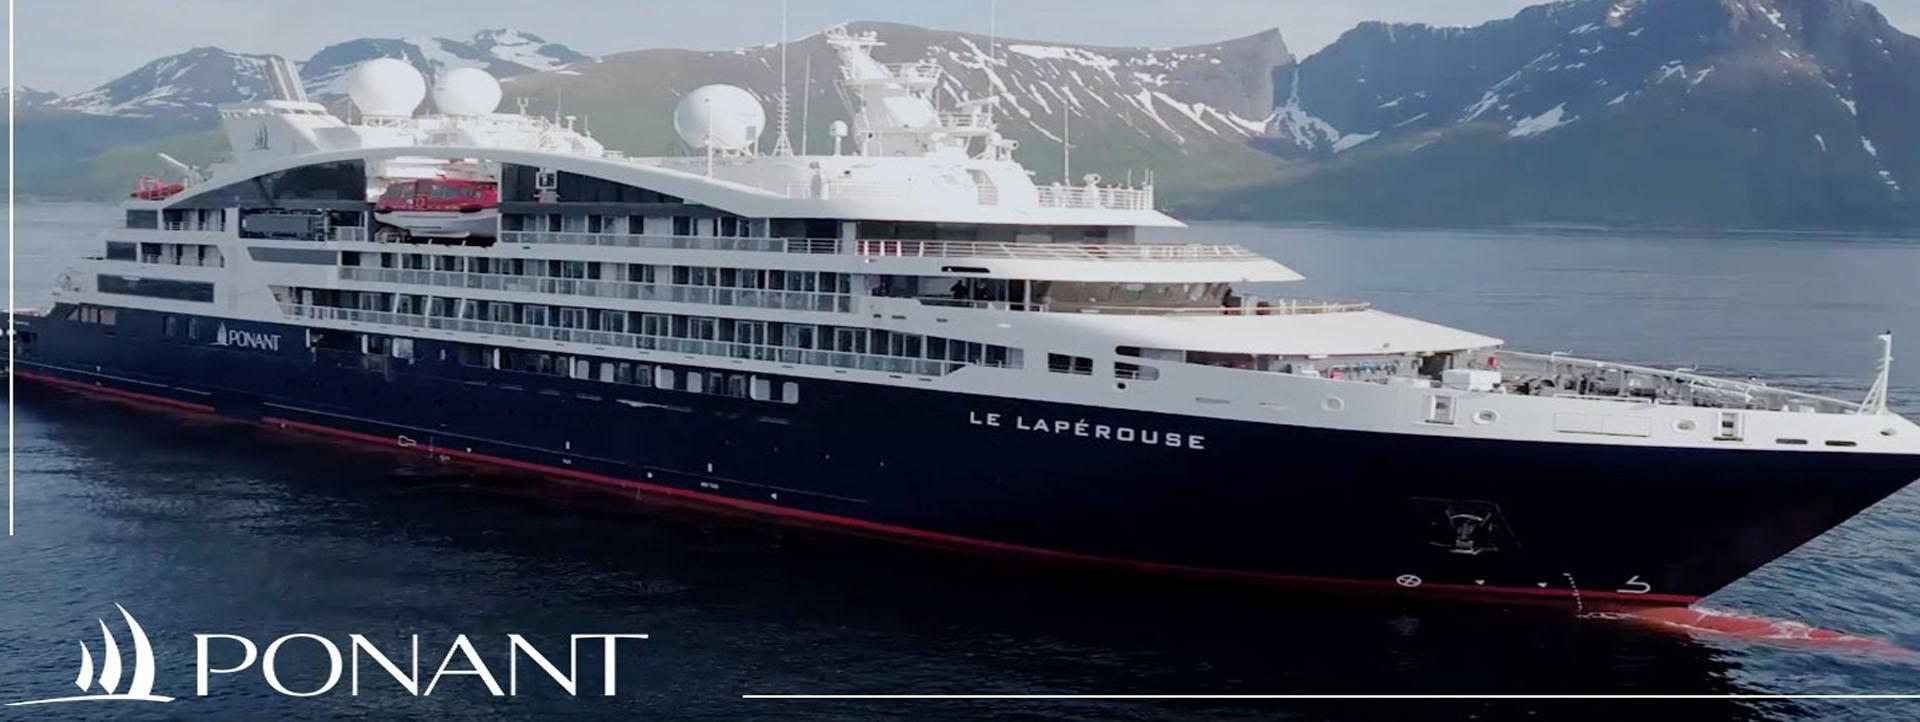 LE LAPEROUSE cruise ship side profile hero